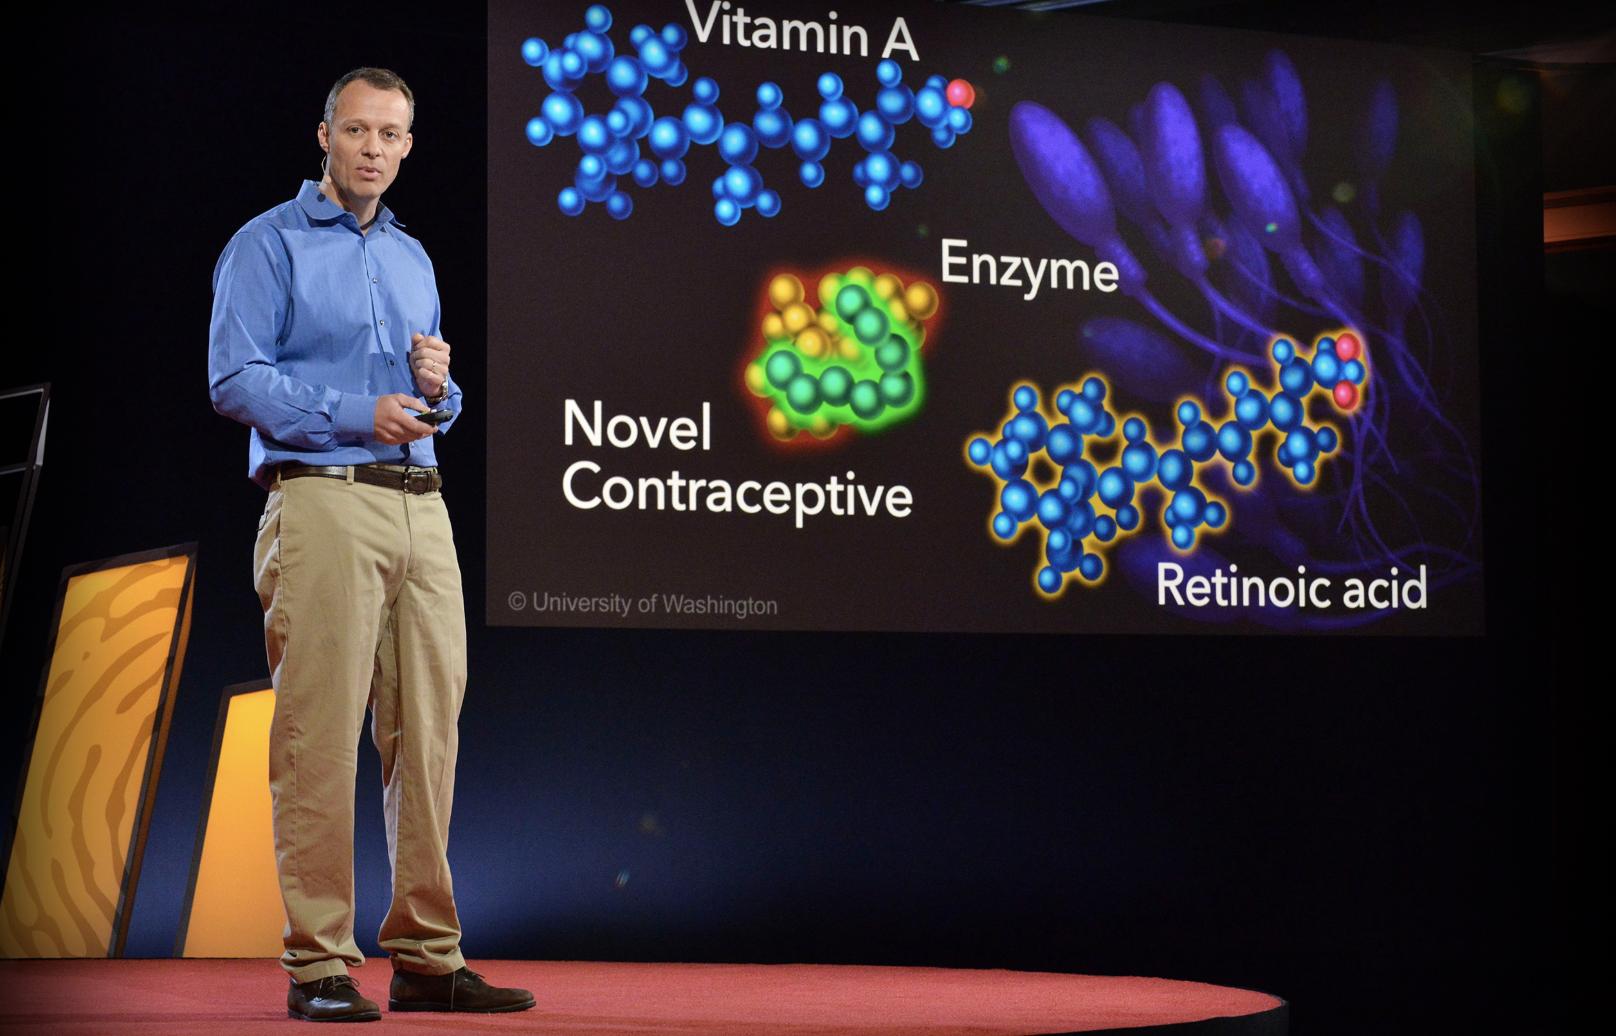 TED 医療英会話を学習 John Amory 男性用避妊ピルをいかに作用させるか